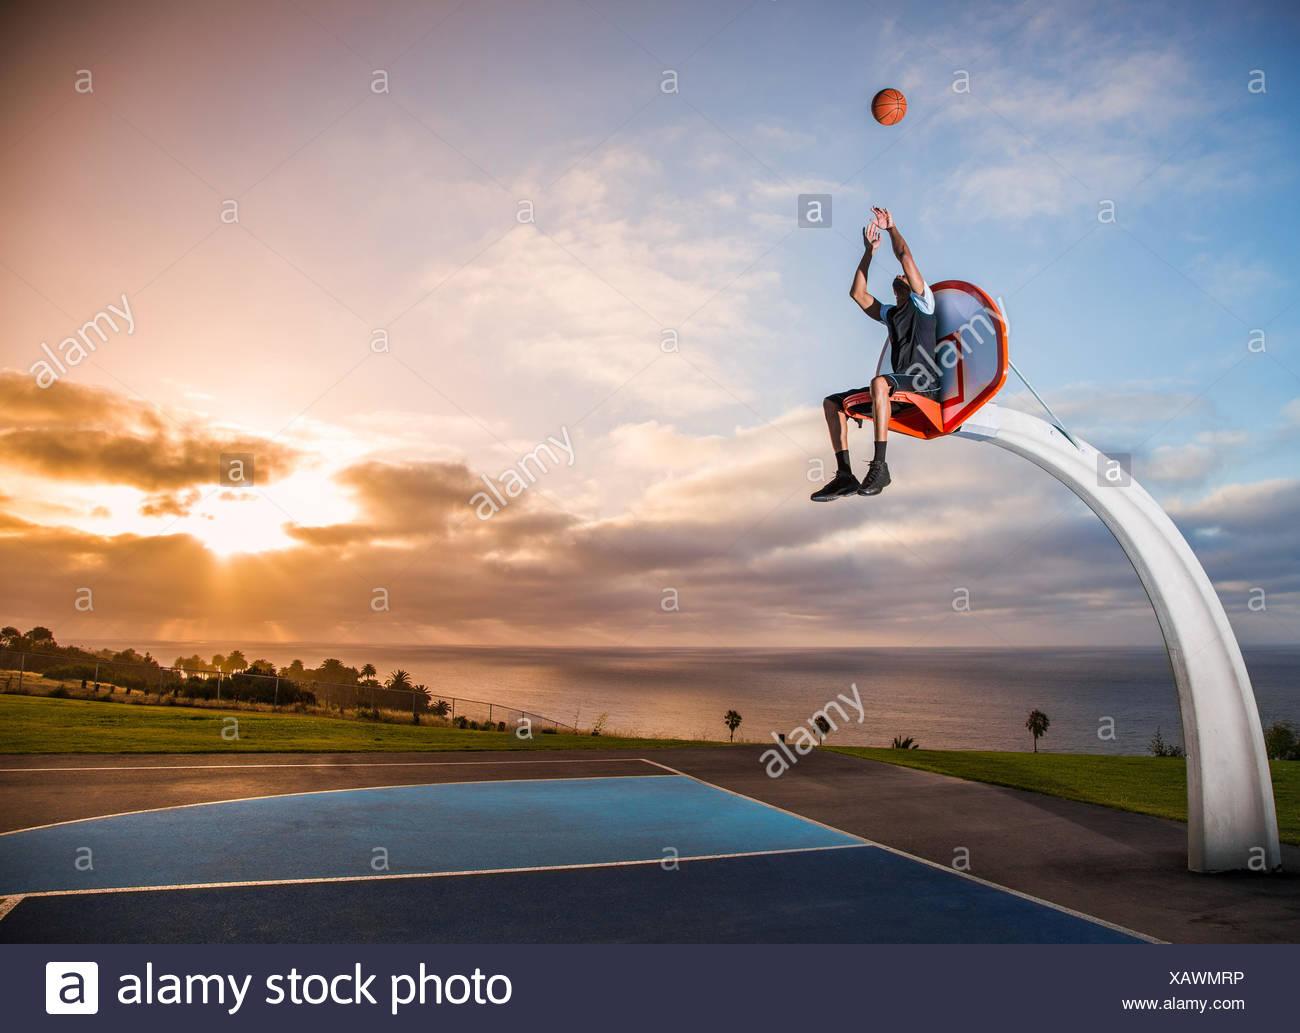 Joven sentada en un aro de baloncesto en un parque, en Los Ángeles, California, Estados Unidos. Imagen De Stock